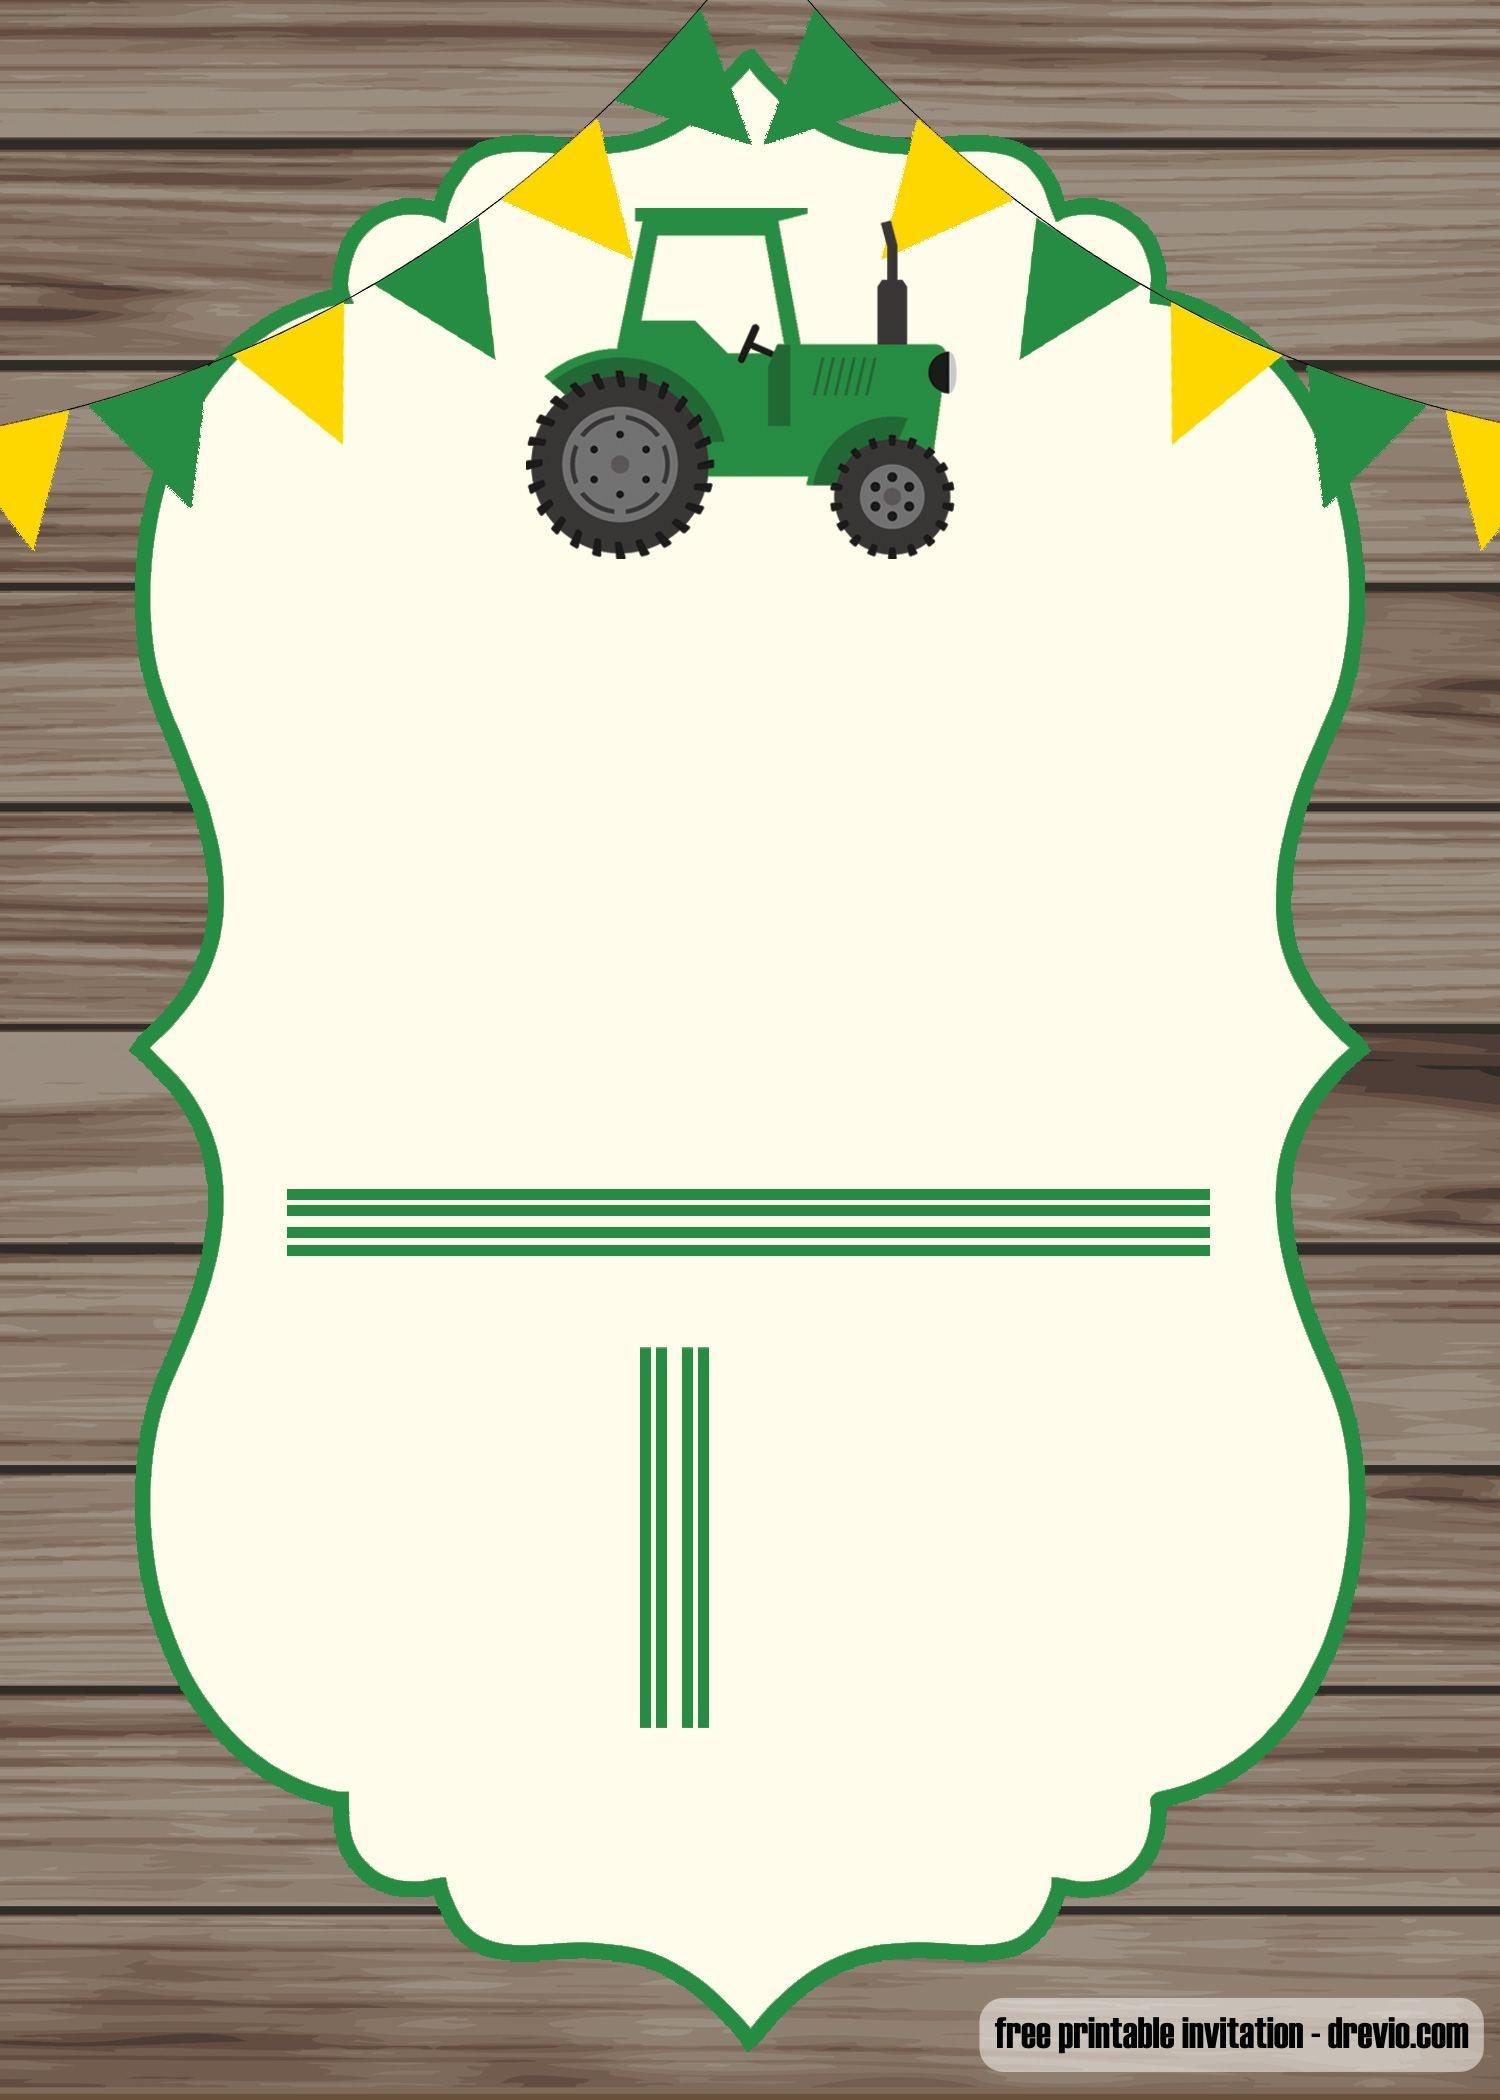 Free Printable John Deere Invitation Template   Baby 3!   Free - Free Printable John Deere Baby Shower Invitations